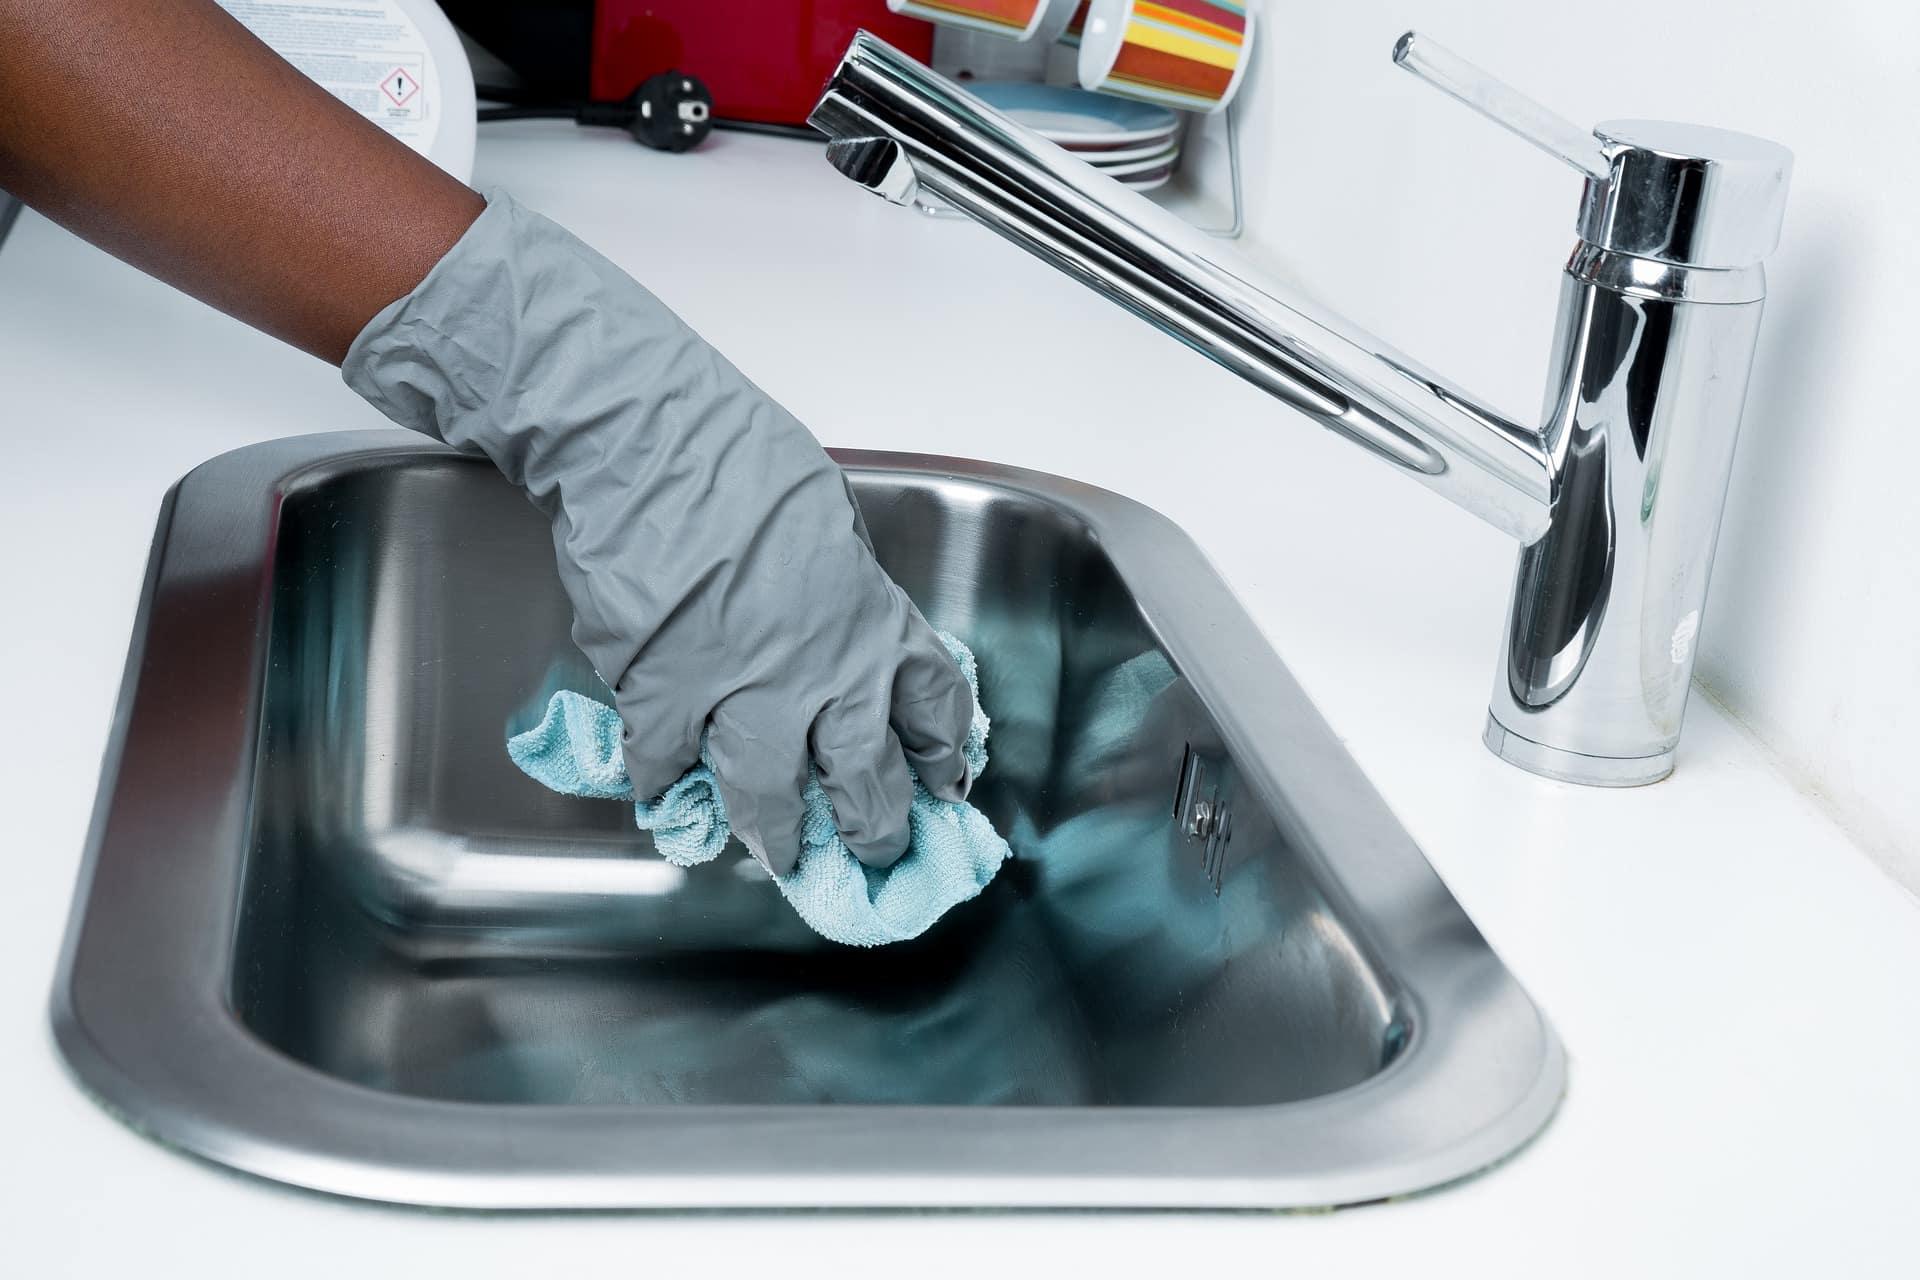 vinagre en la limpieza